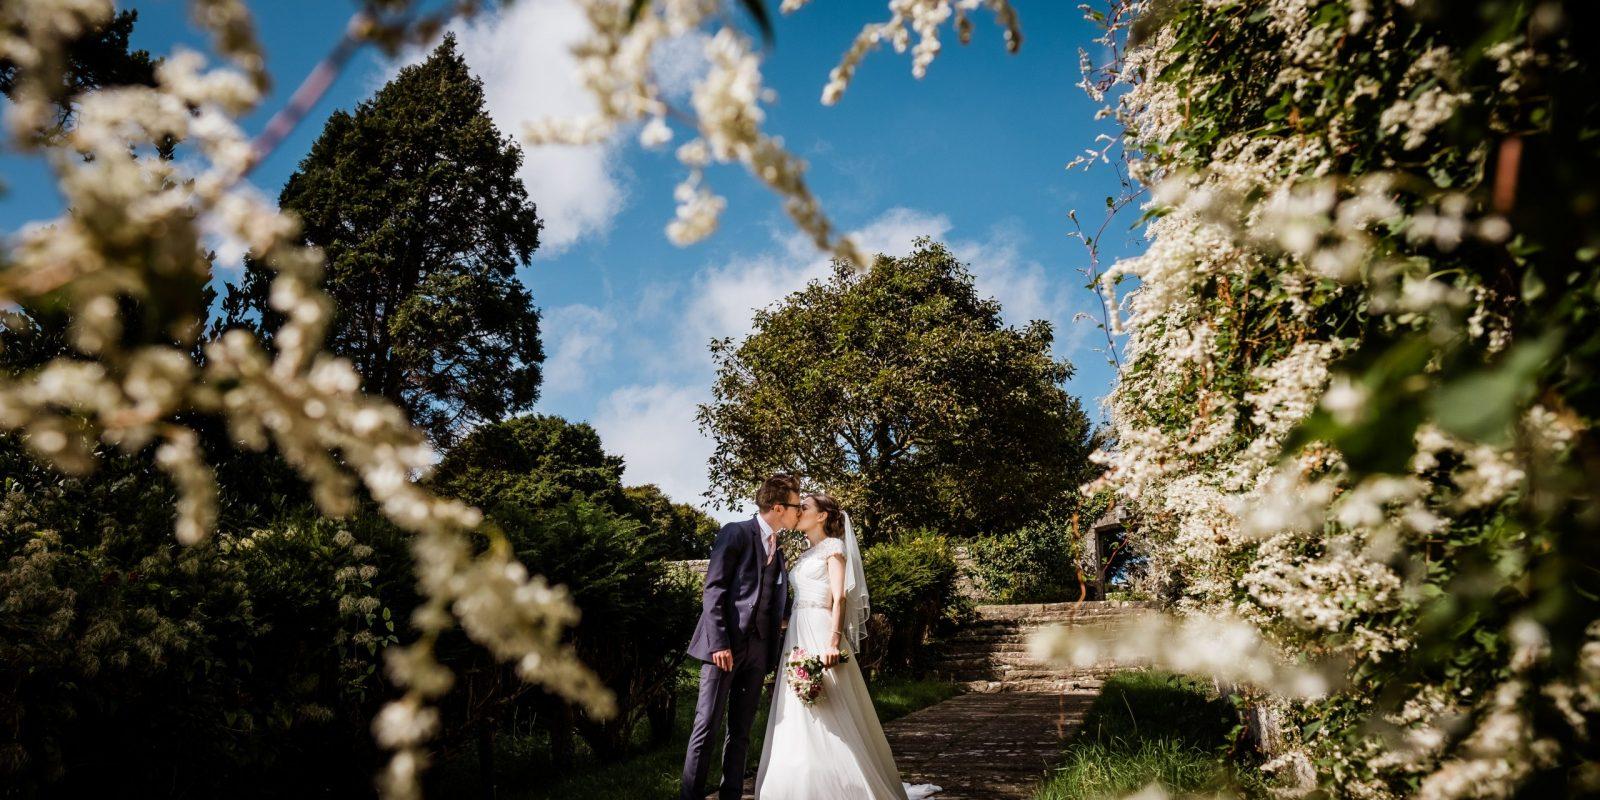 st donats castle wedding venue